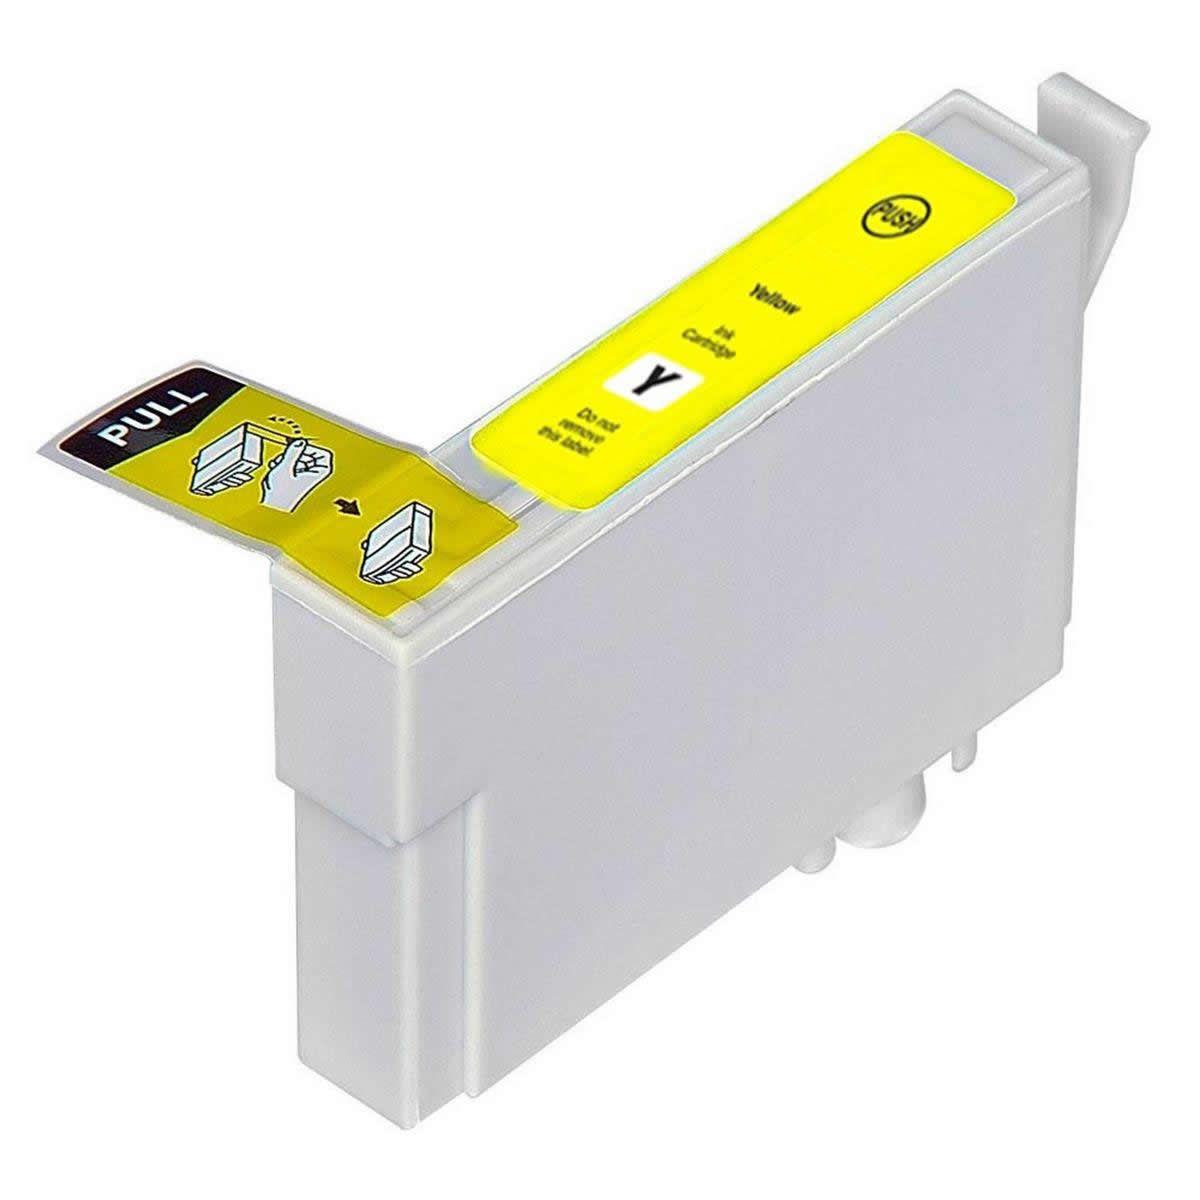 Cartucho TO634 Amarelo Compatível para Epson C67 C87 CX3700 CX4100 CX4700 CX5700F CX7700